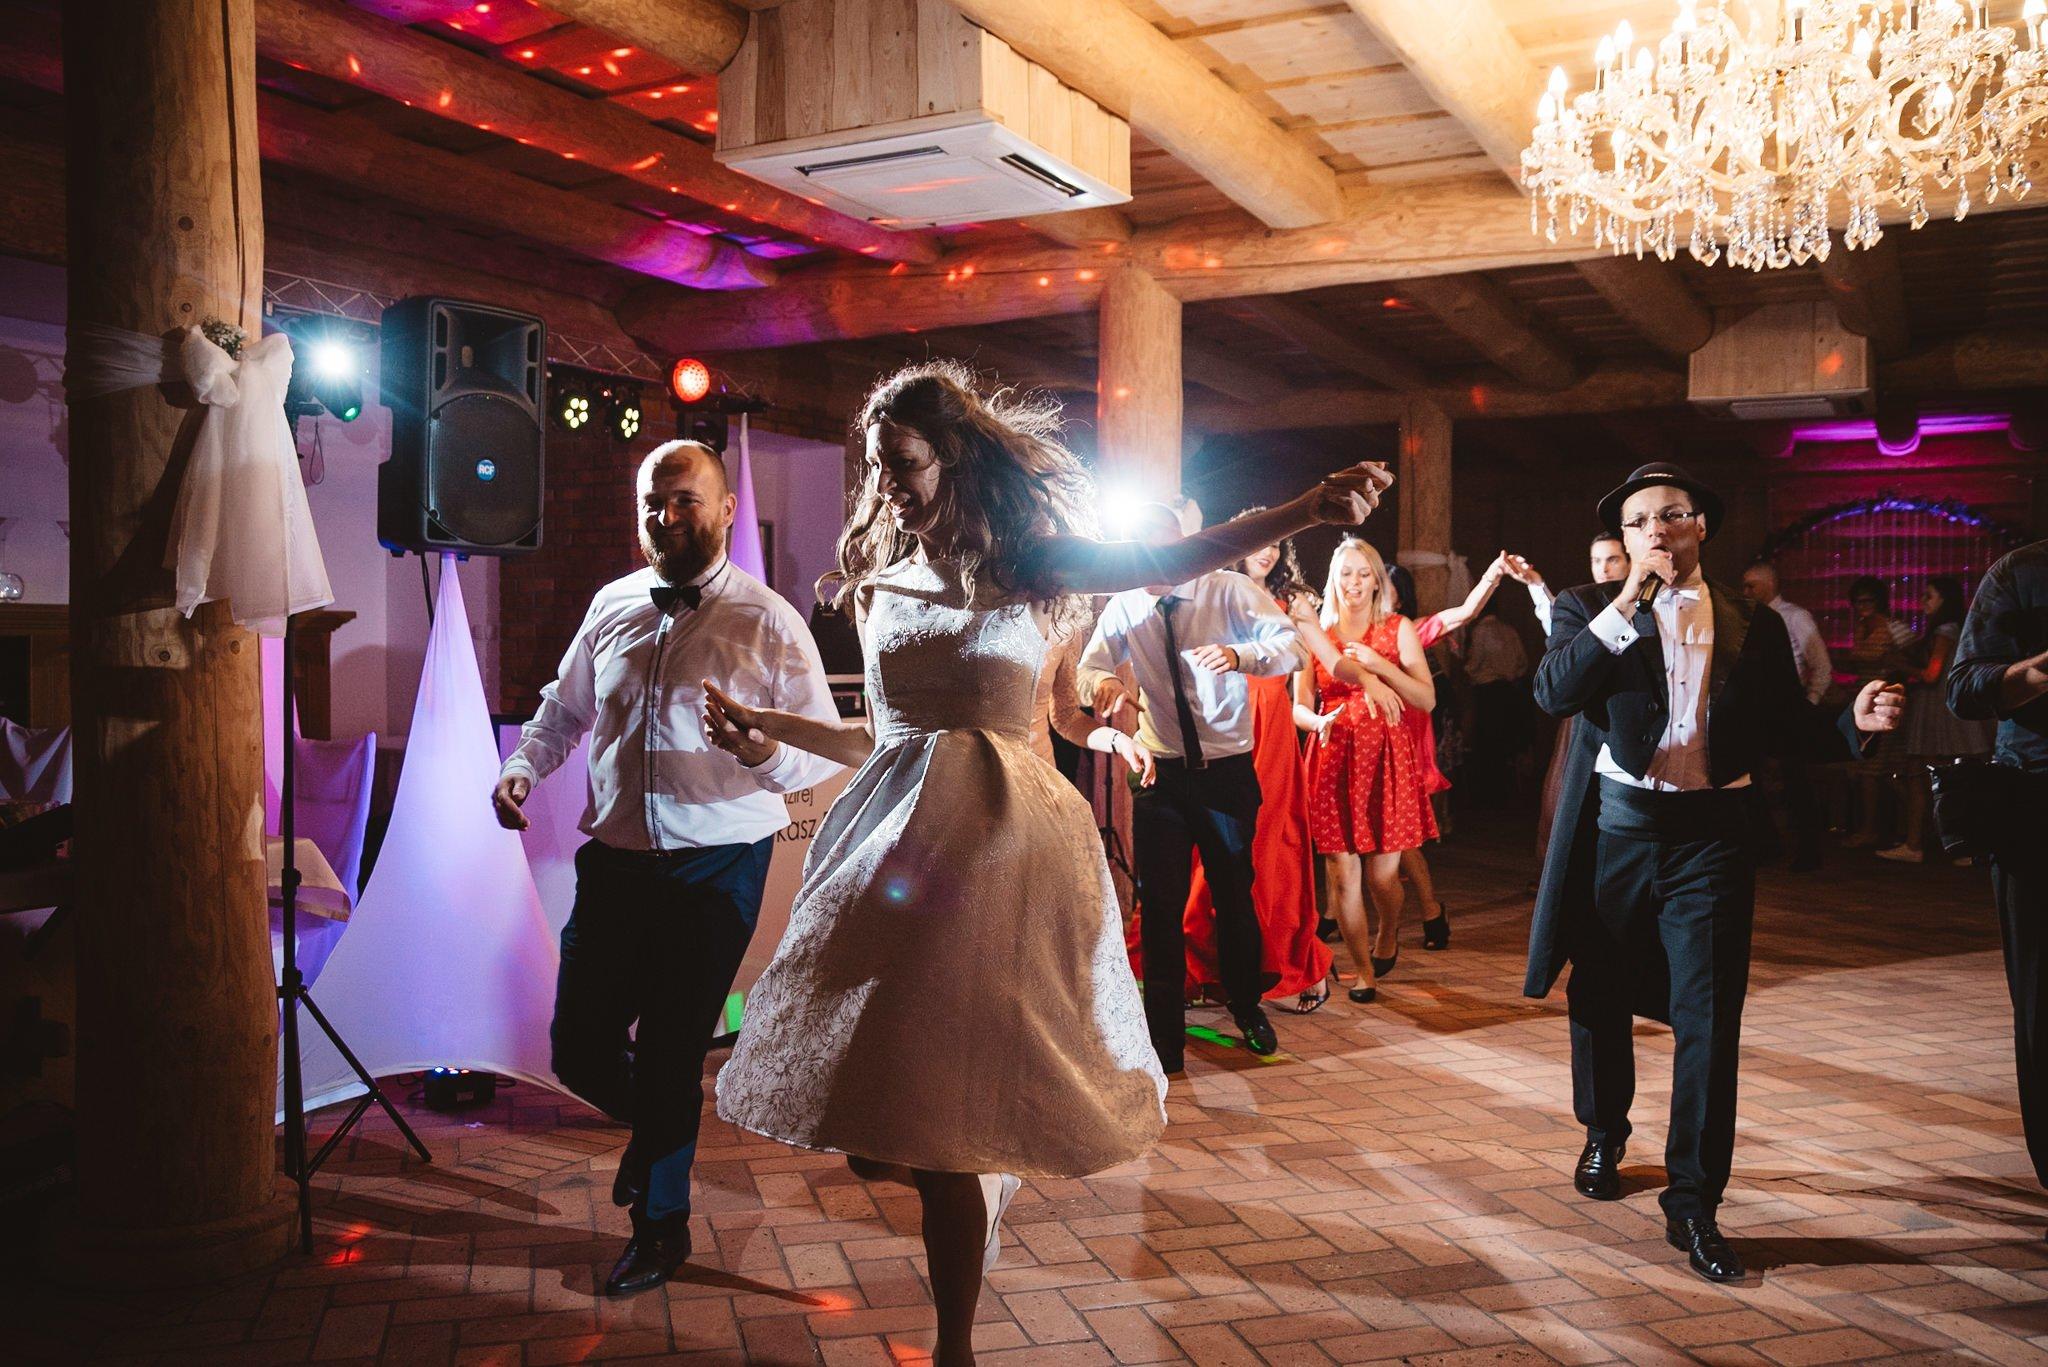 Ala i Arek, czyli jak zorganizować ślub i wesele w 4 tygodnie! 302